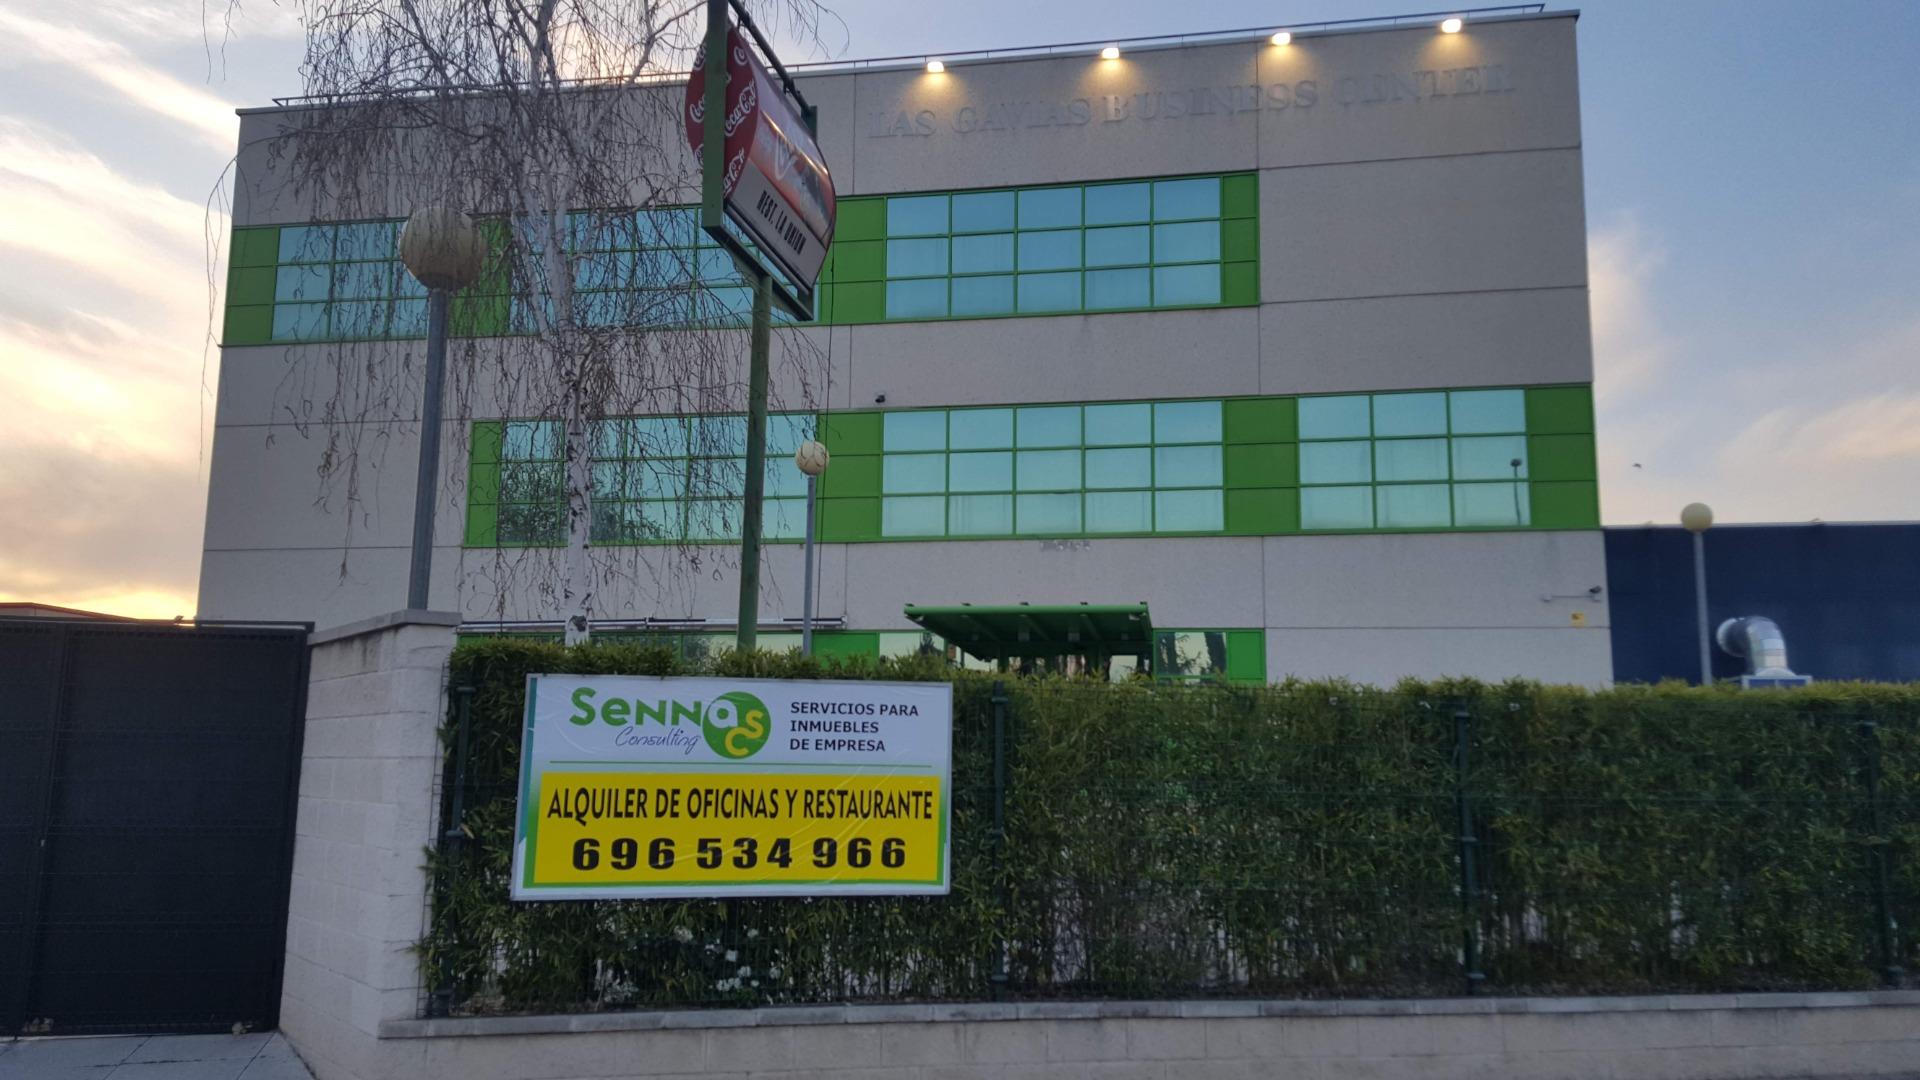 Local de alquiler en Alcalá de Henares